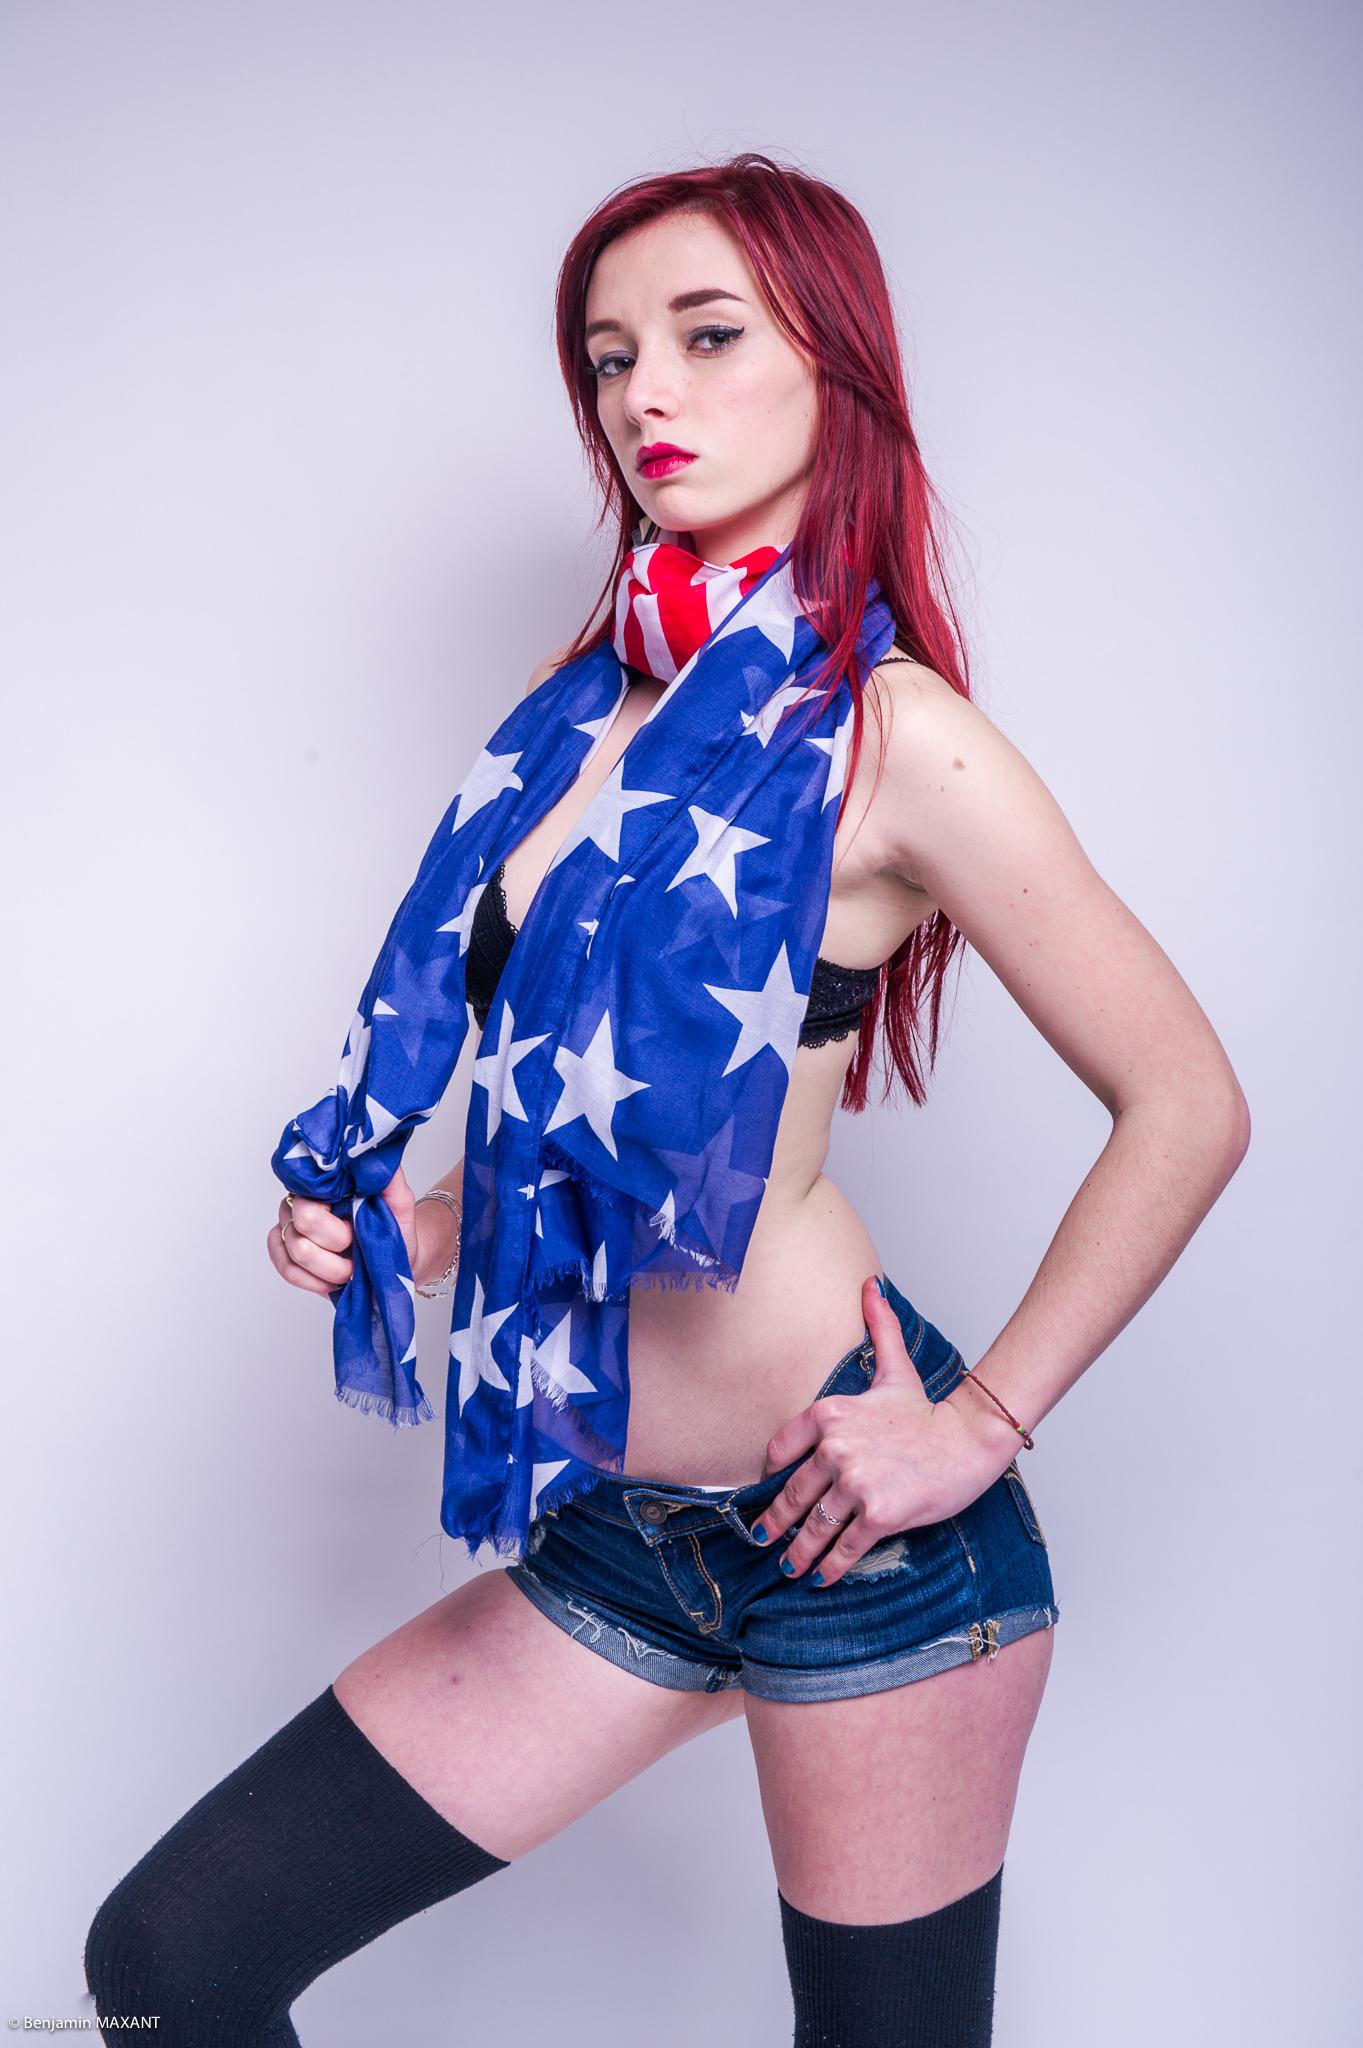 Séance photo modèle Julia studio à Nice short jean soutien gorge drapeau américain